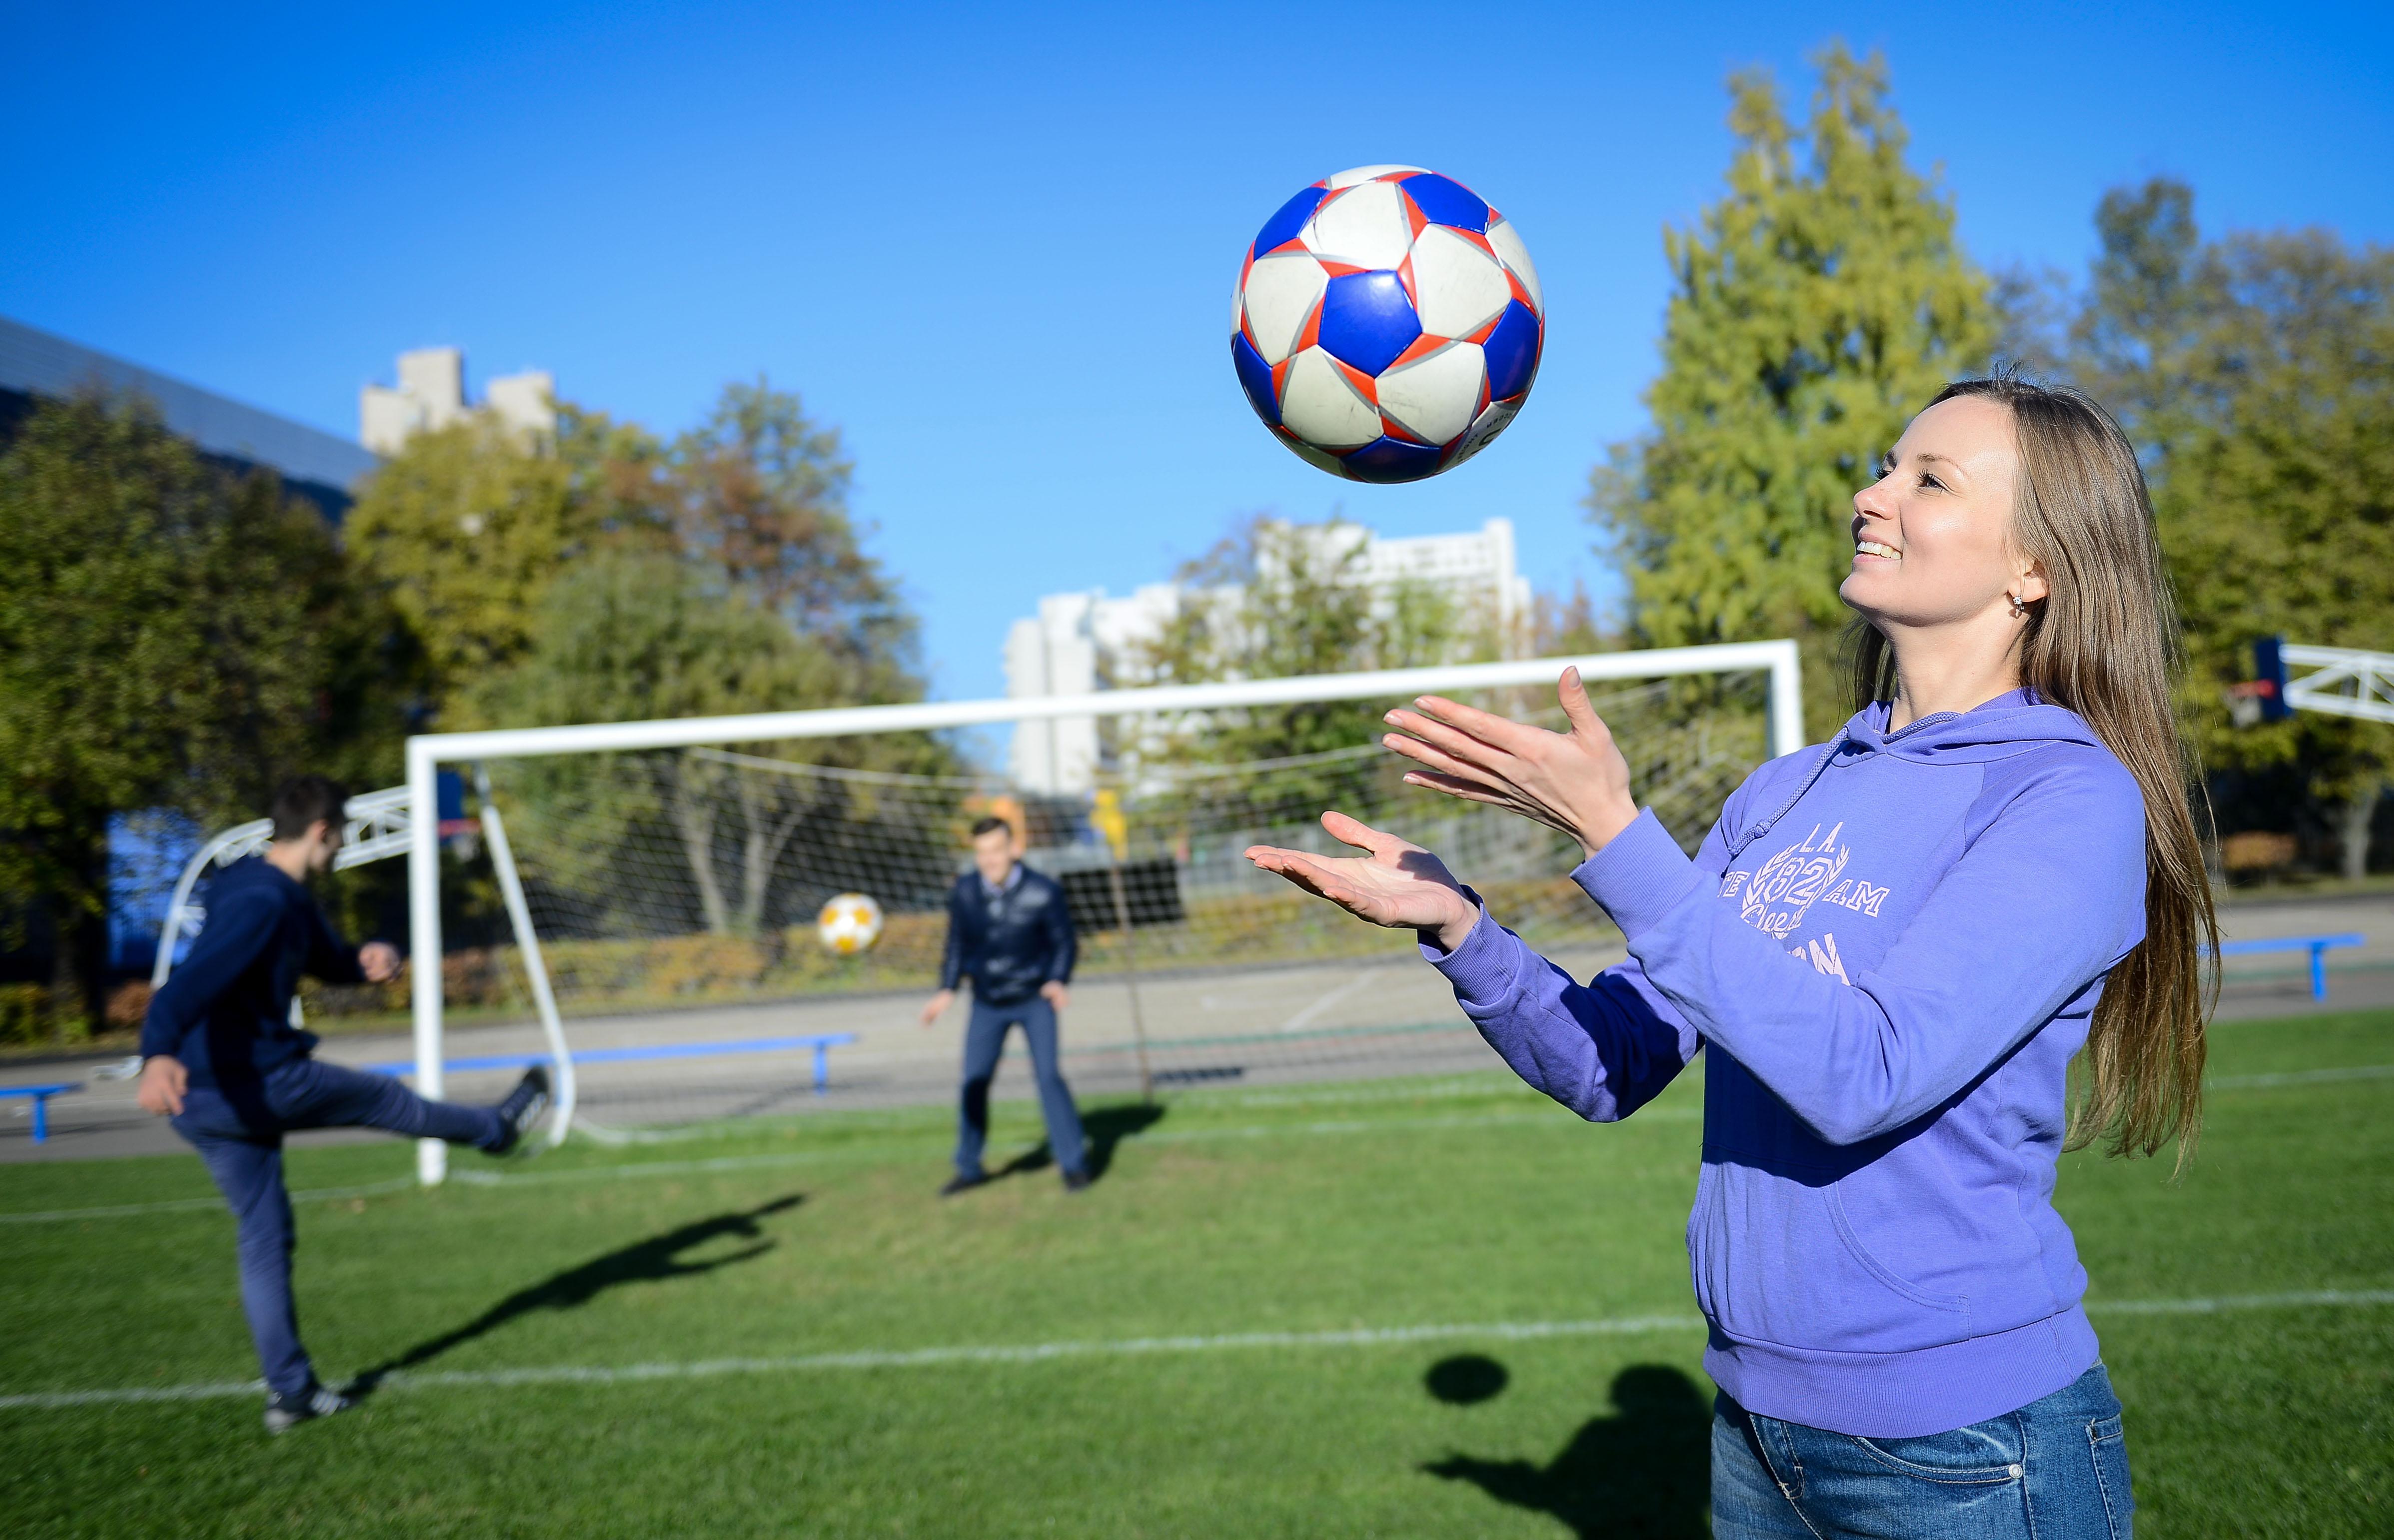 Юных спортсменок пригласили в СШОР «Юность Москвы – Торпедо»